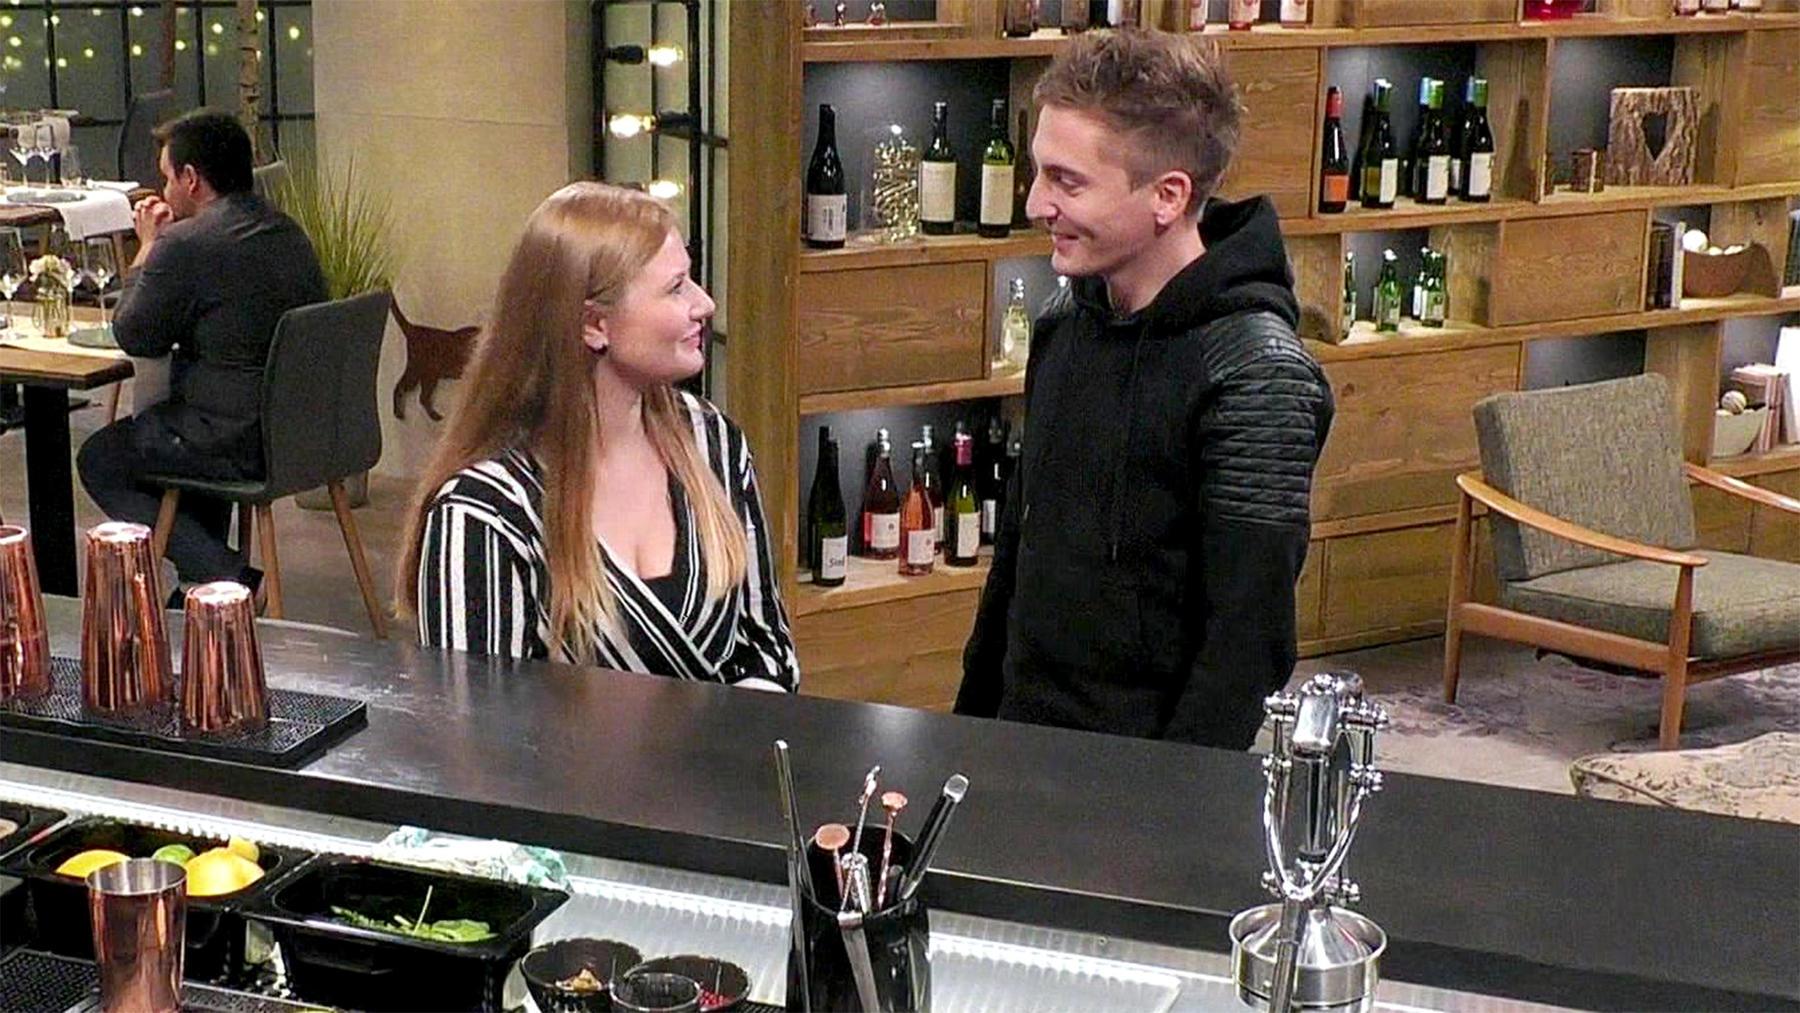 first dates stream kostenlos wohin als single in hannover